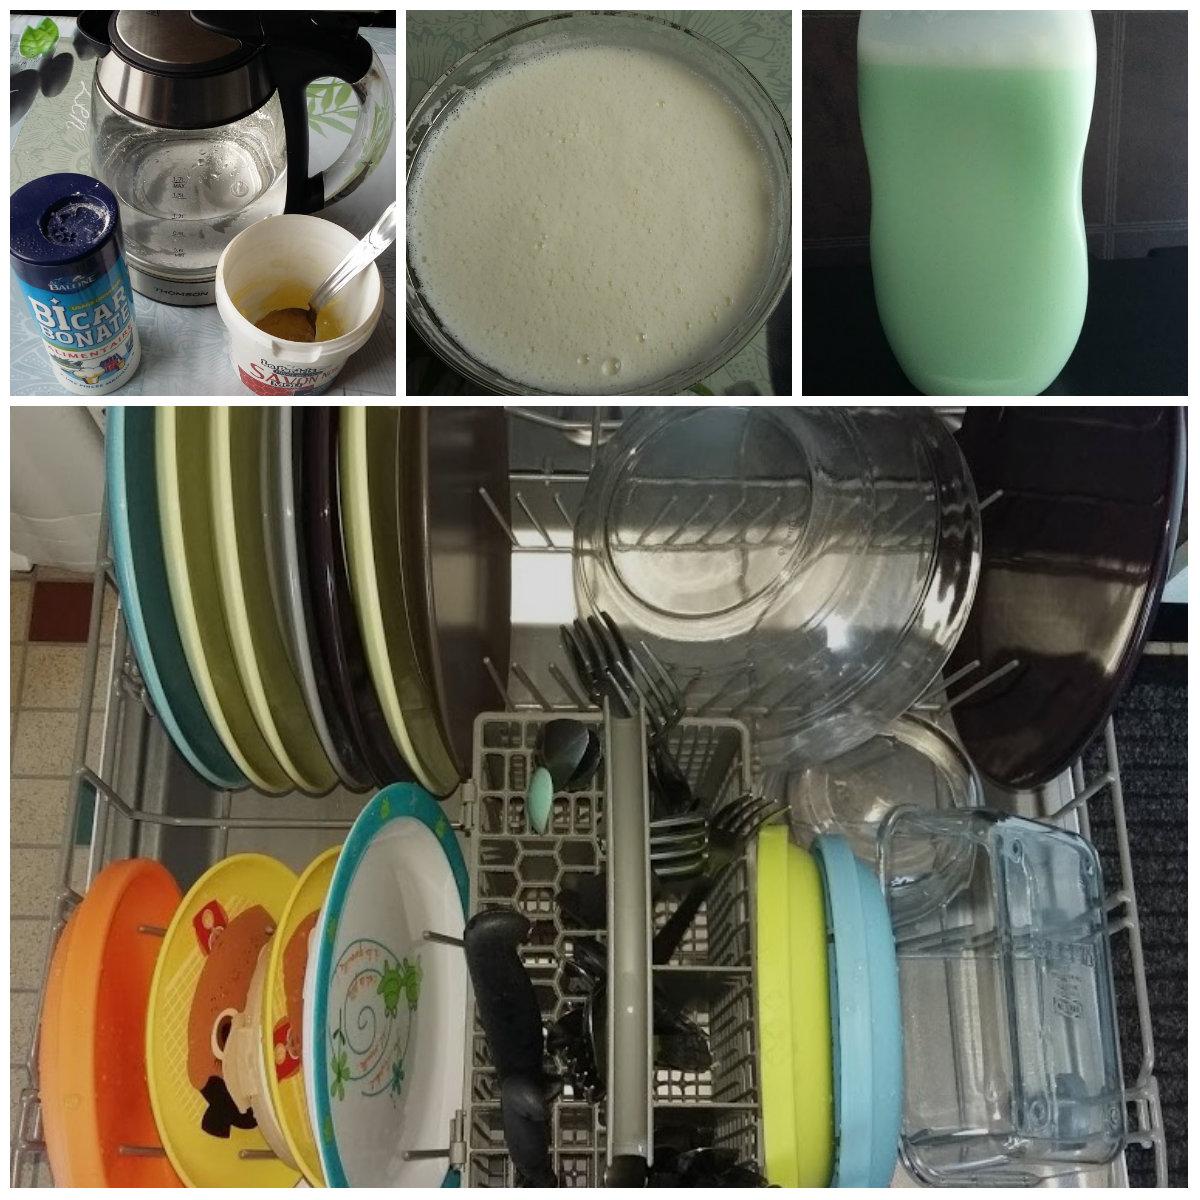 produit lave vaisselle